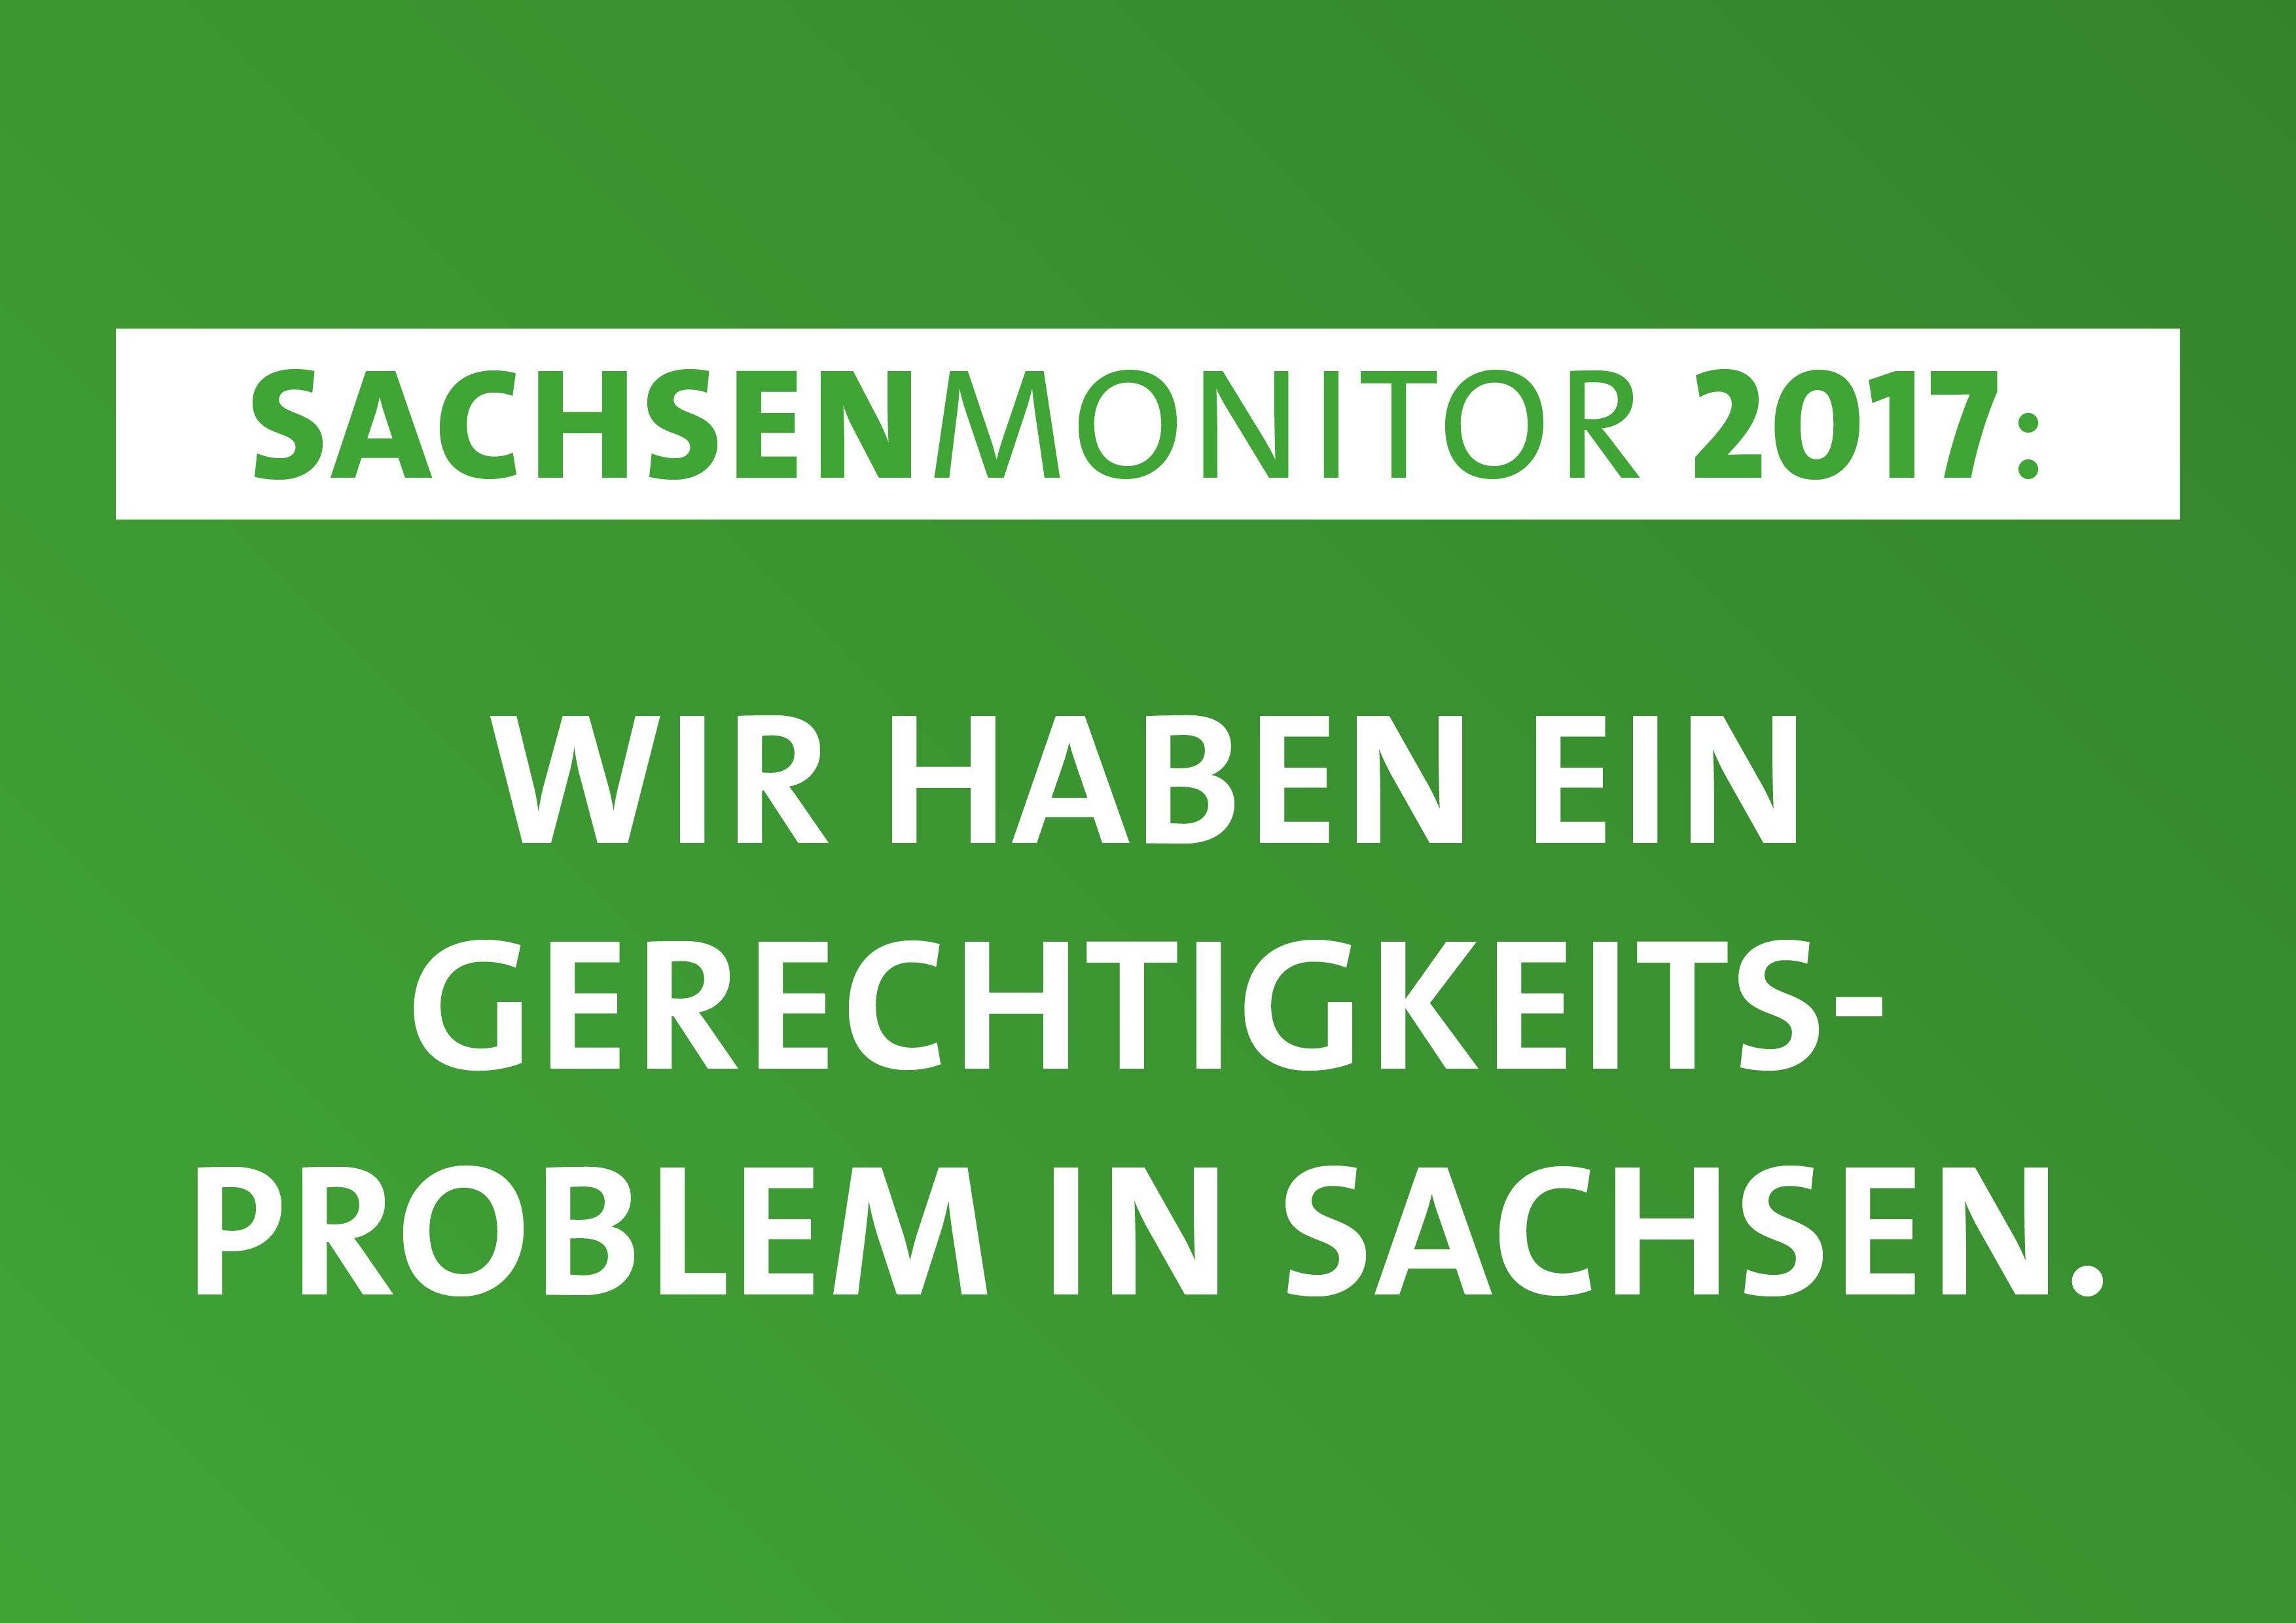 Sachsen-Monitor verdeutlicht Gerechtigkeitsprobleme in Sachsen